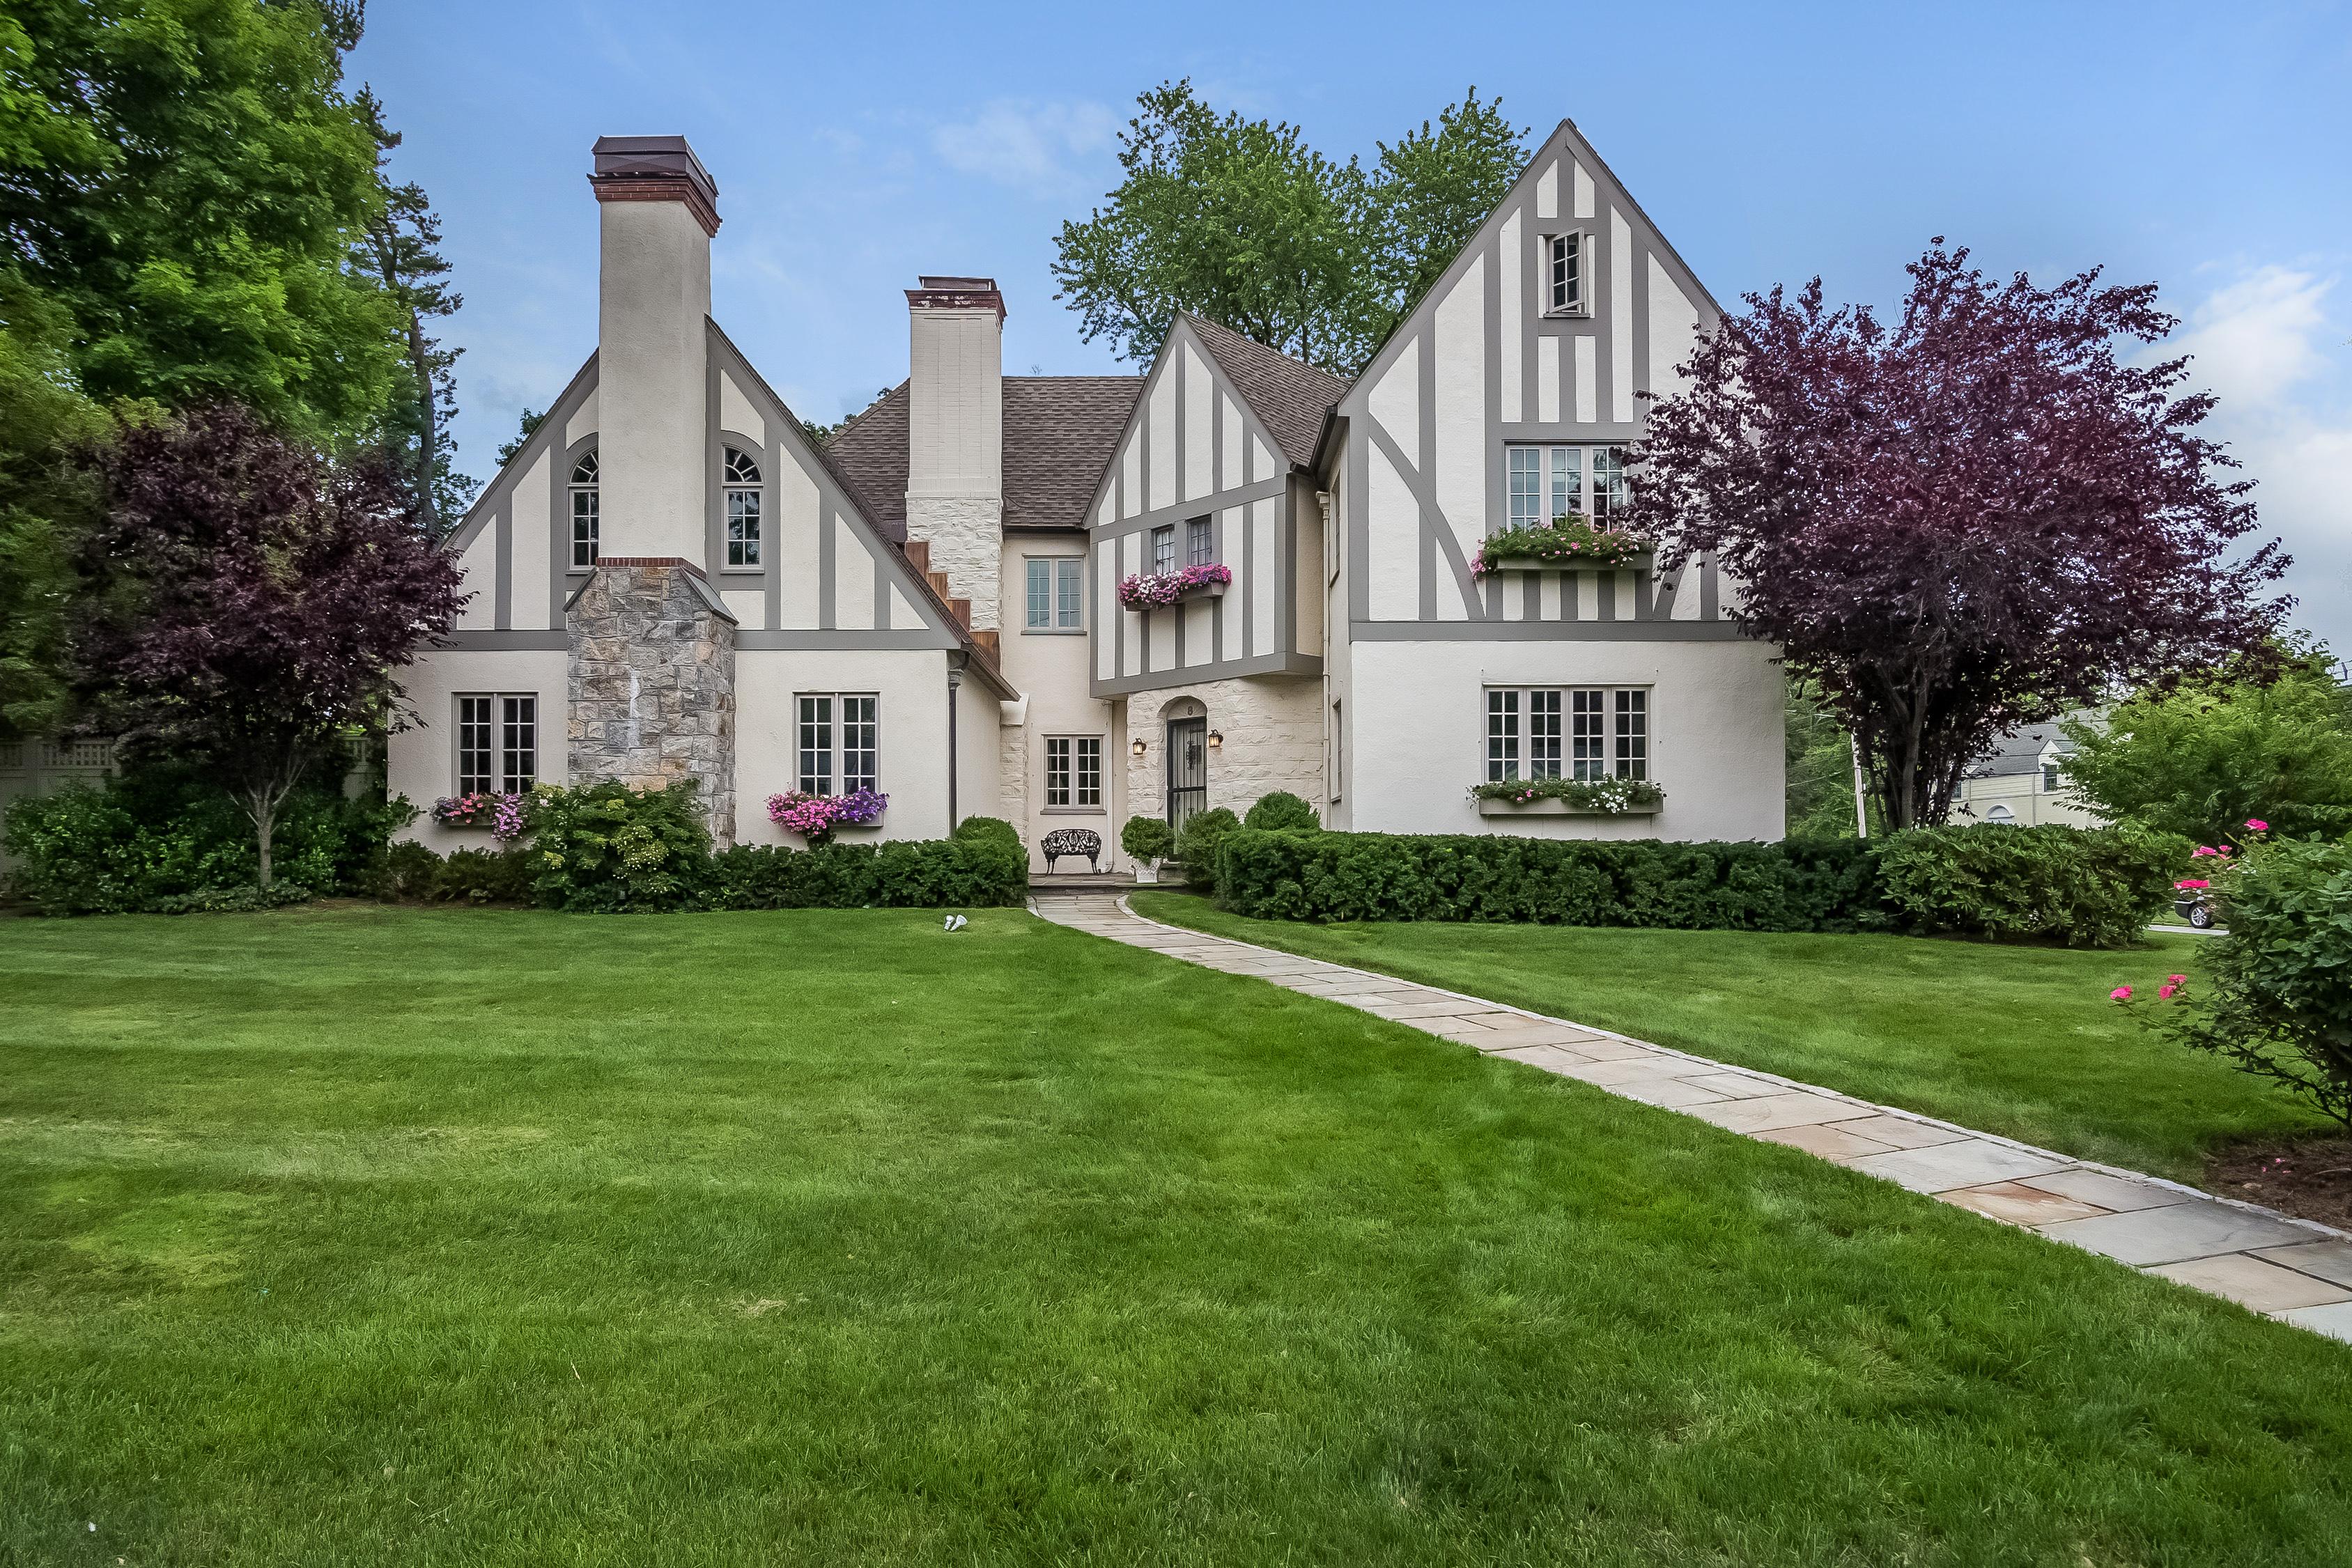 Einfamilienhaus für Verkauf beim Prime location 8 Willets Road Harrison, New York 10528 Vereinigte Staaten